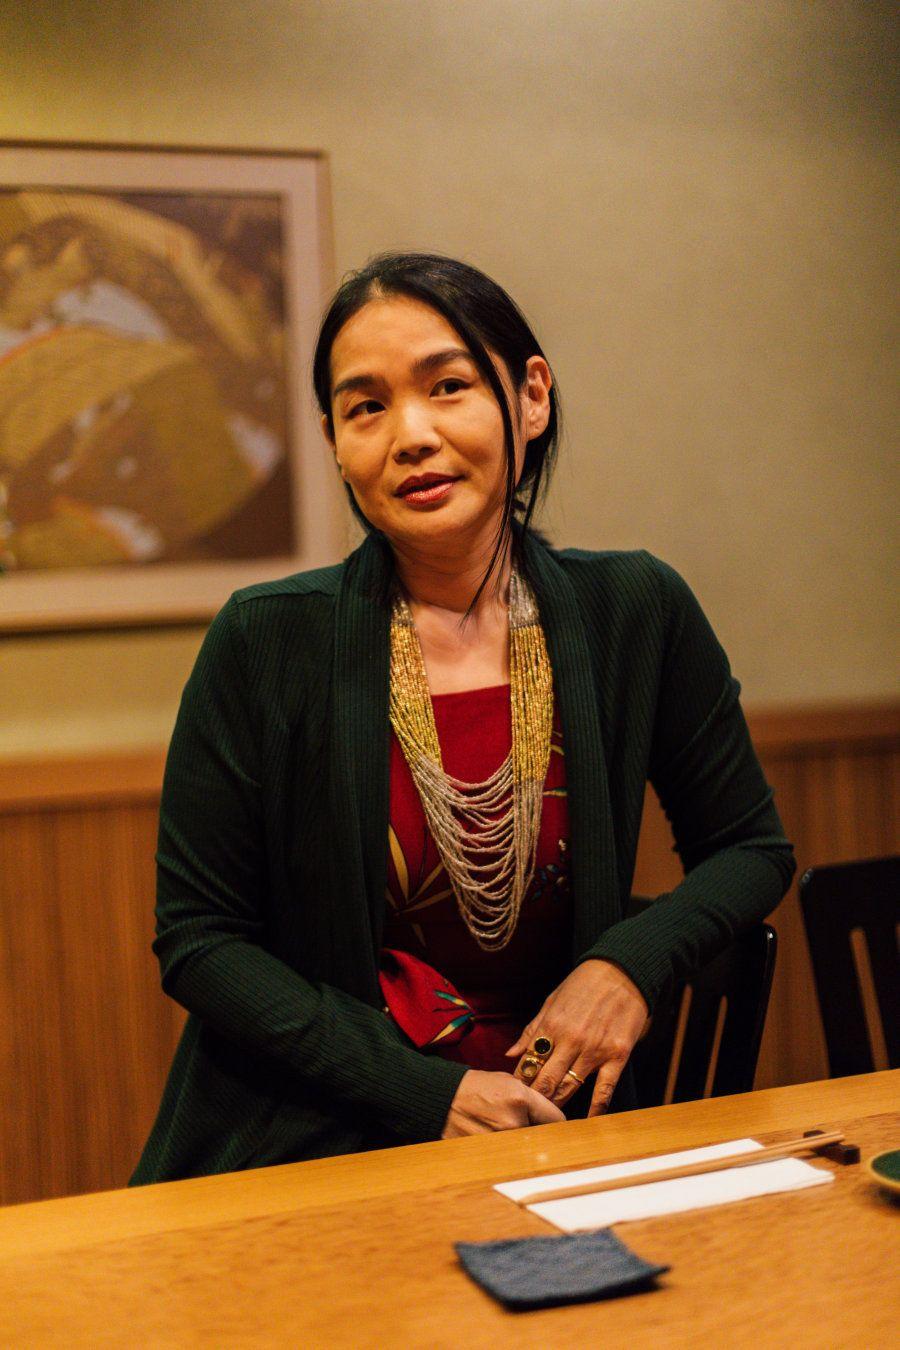 Há mais de dez anos ela é chef de cozinha e dona do restaurante japonês Aiozomê, em São